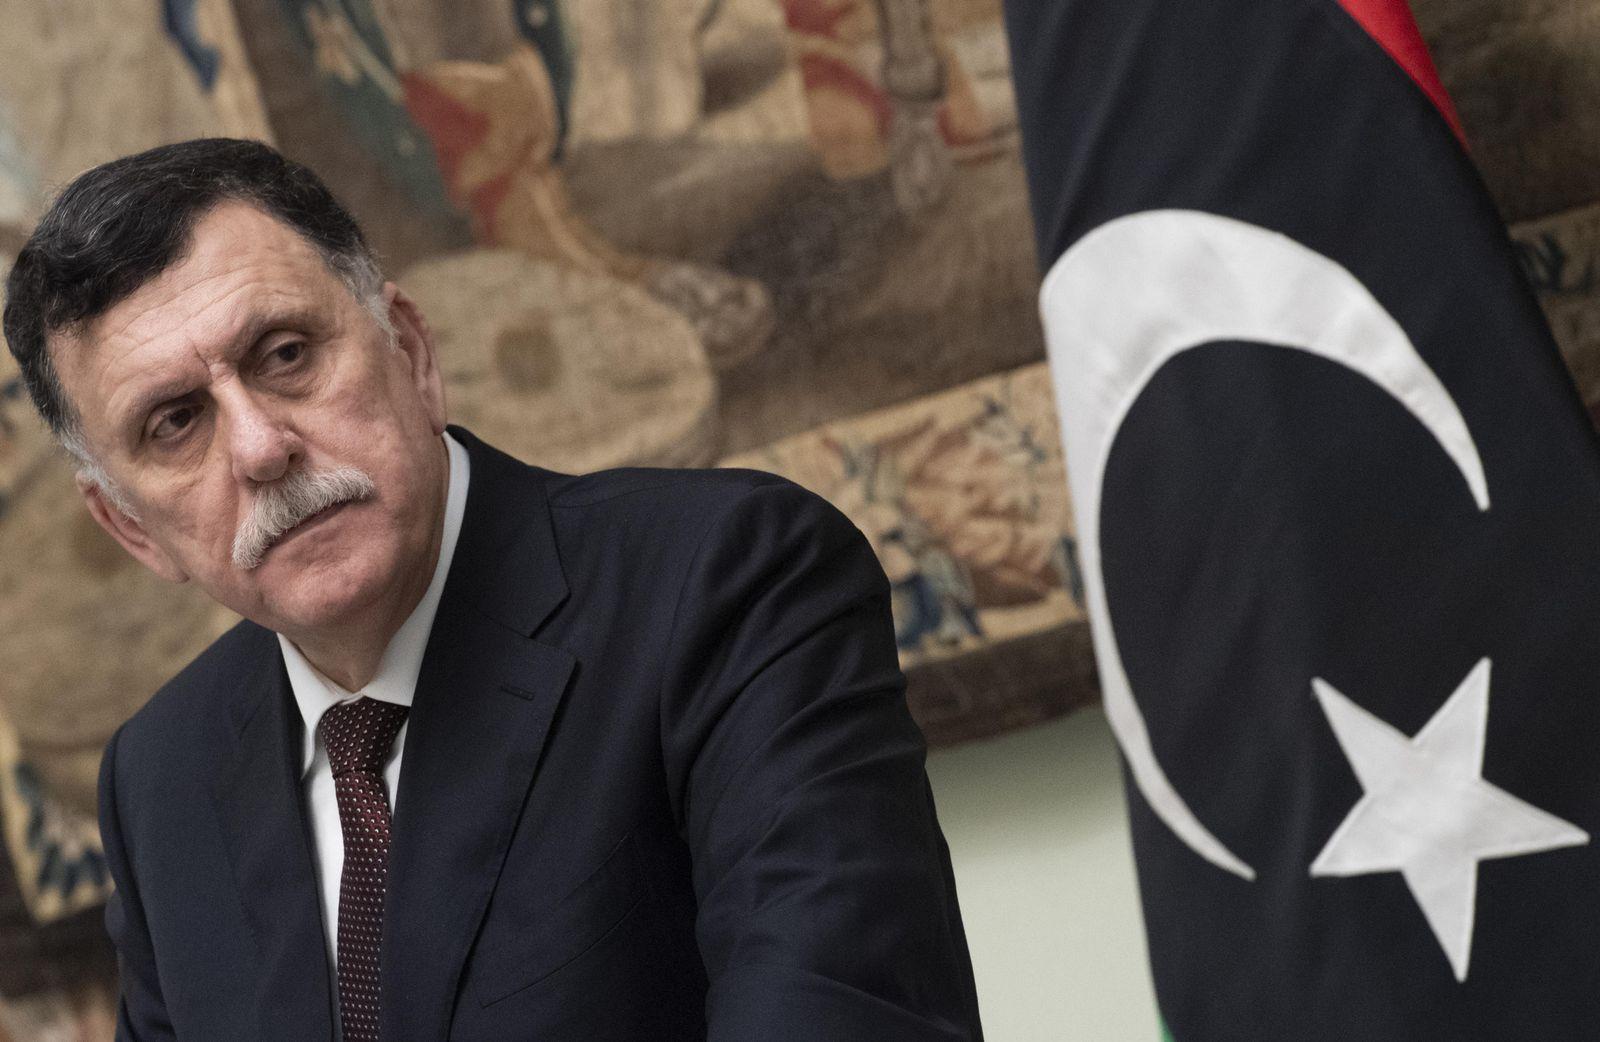 Libya GNA PM al-Sarraj in Rome, Italy - 11 Jan 2020